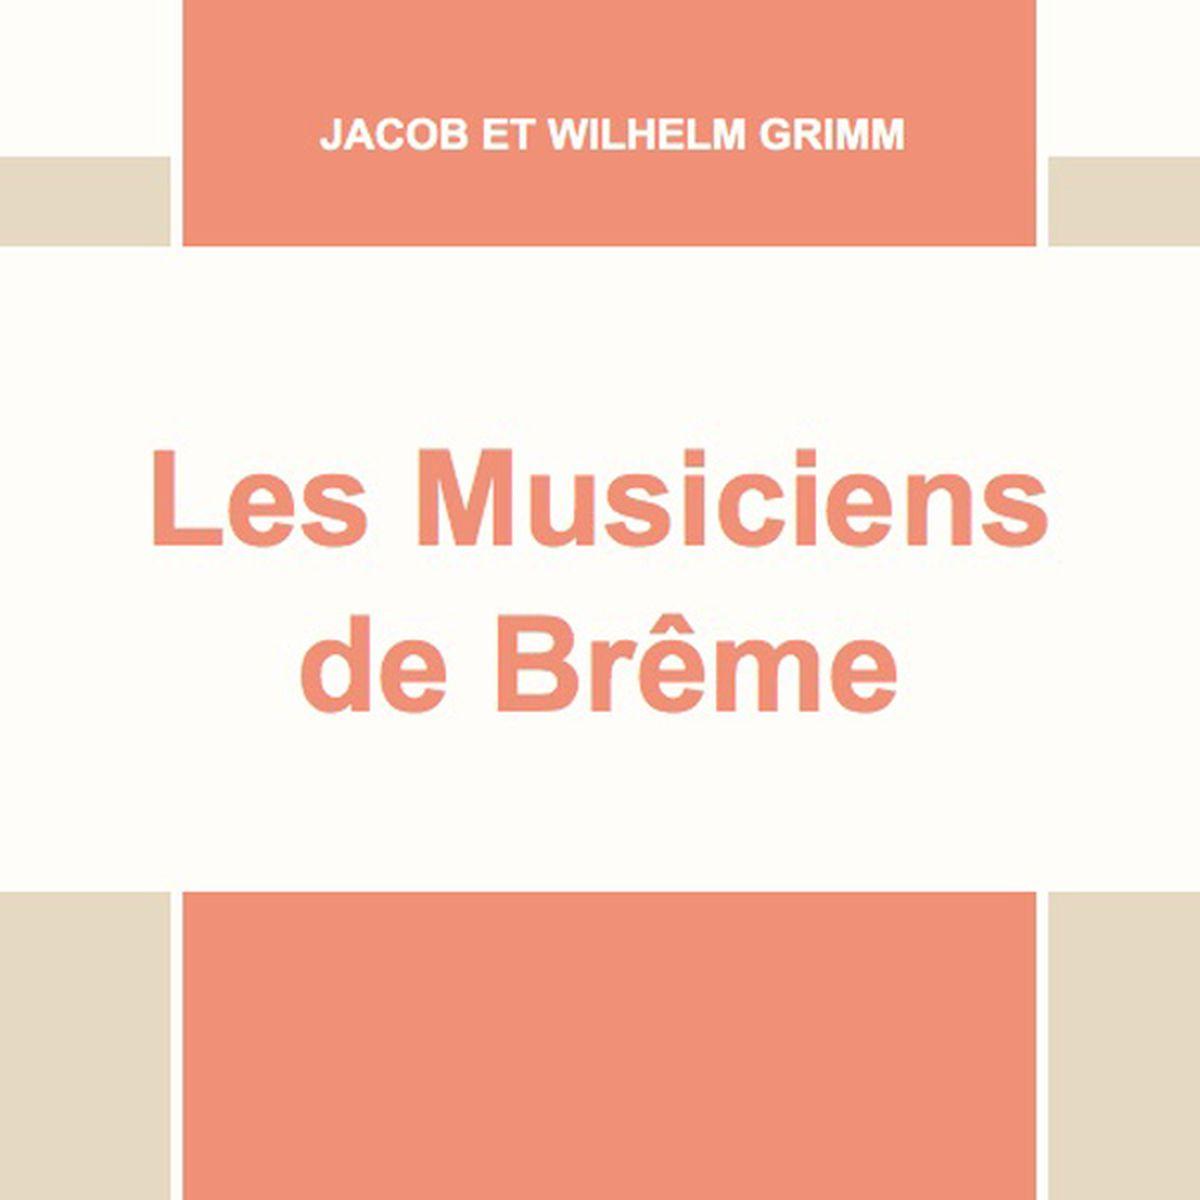 Les Musiciens de Brême |